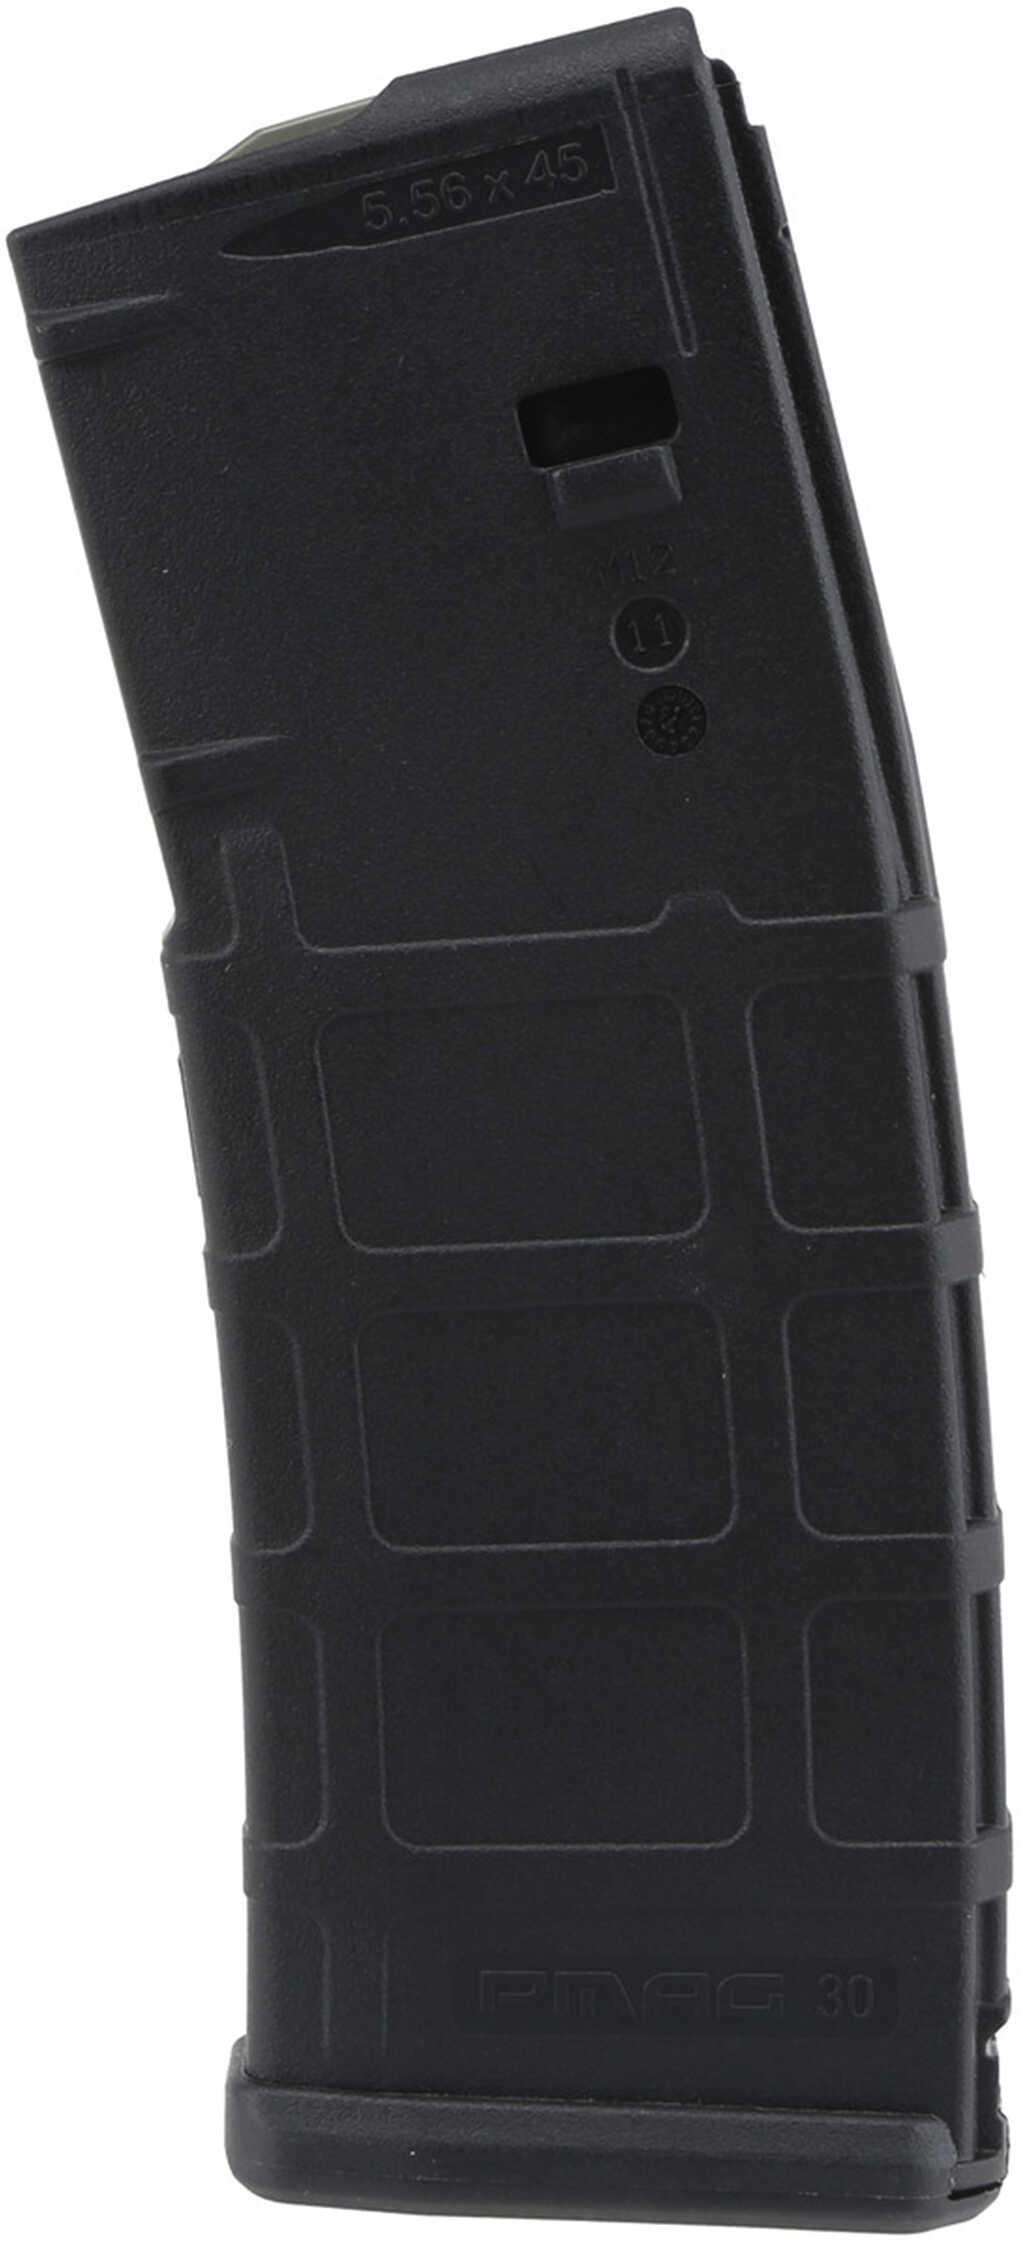 Magpul Mag571-Black PMAG Gen M2 MOE AR-15 223 Rem/5.56 Nato 30 Round Polymer Black